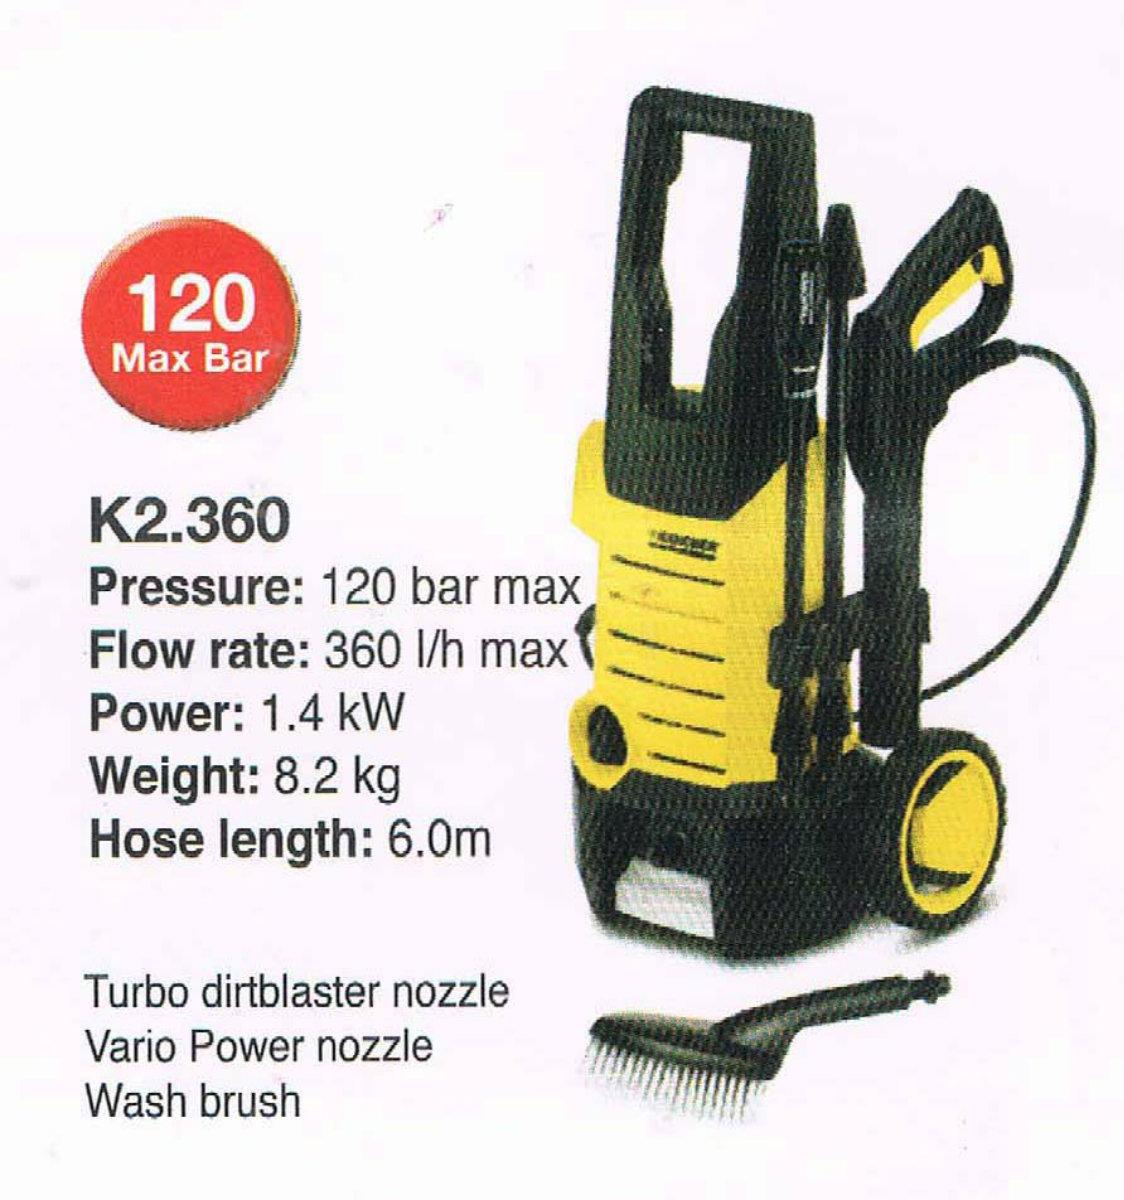 Karcher K2 360 ★ Karcher Johor Bahru Jb Malaysia Supply